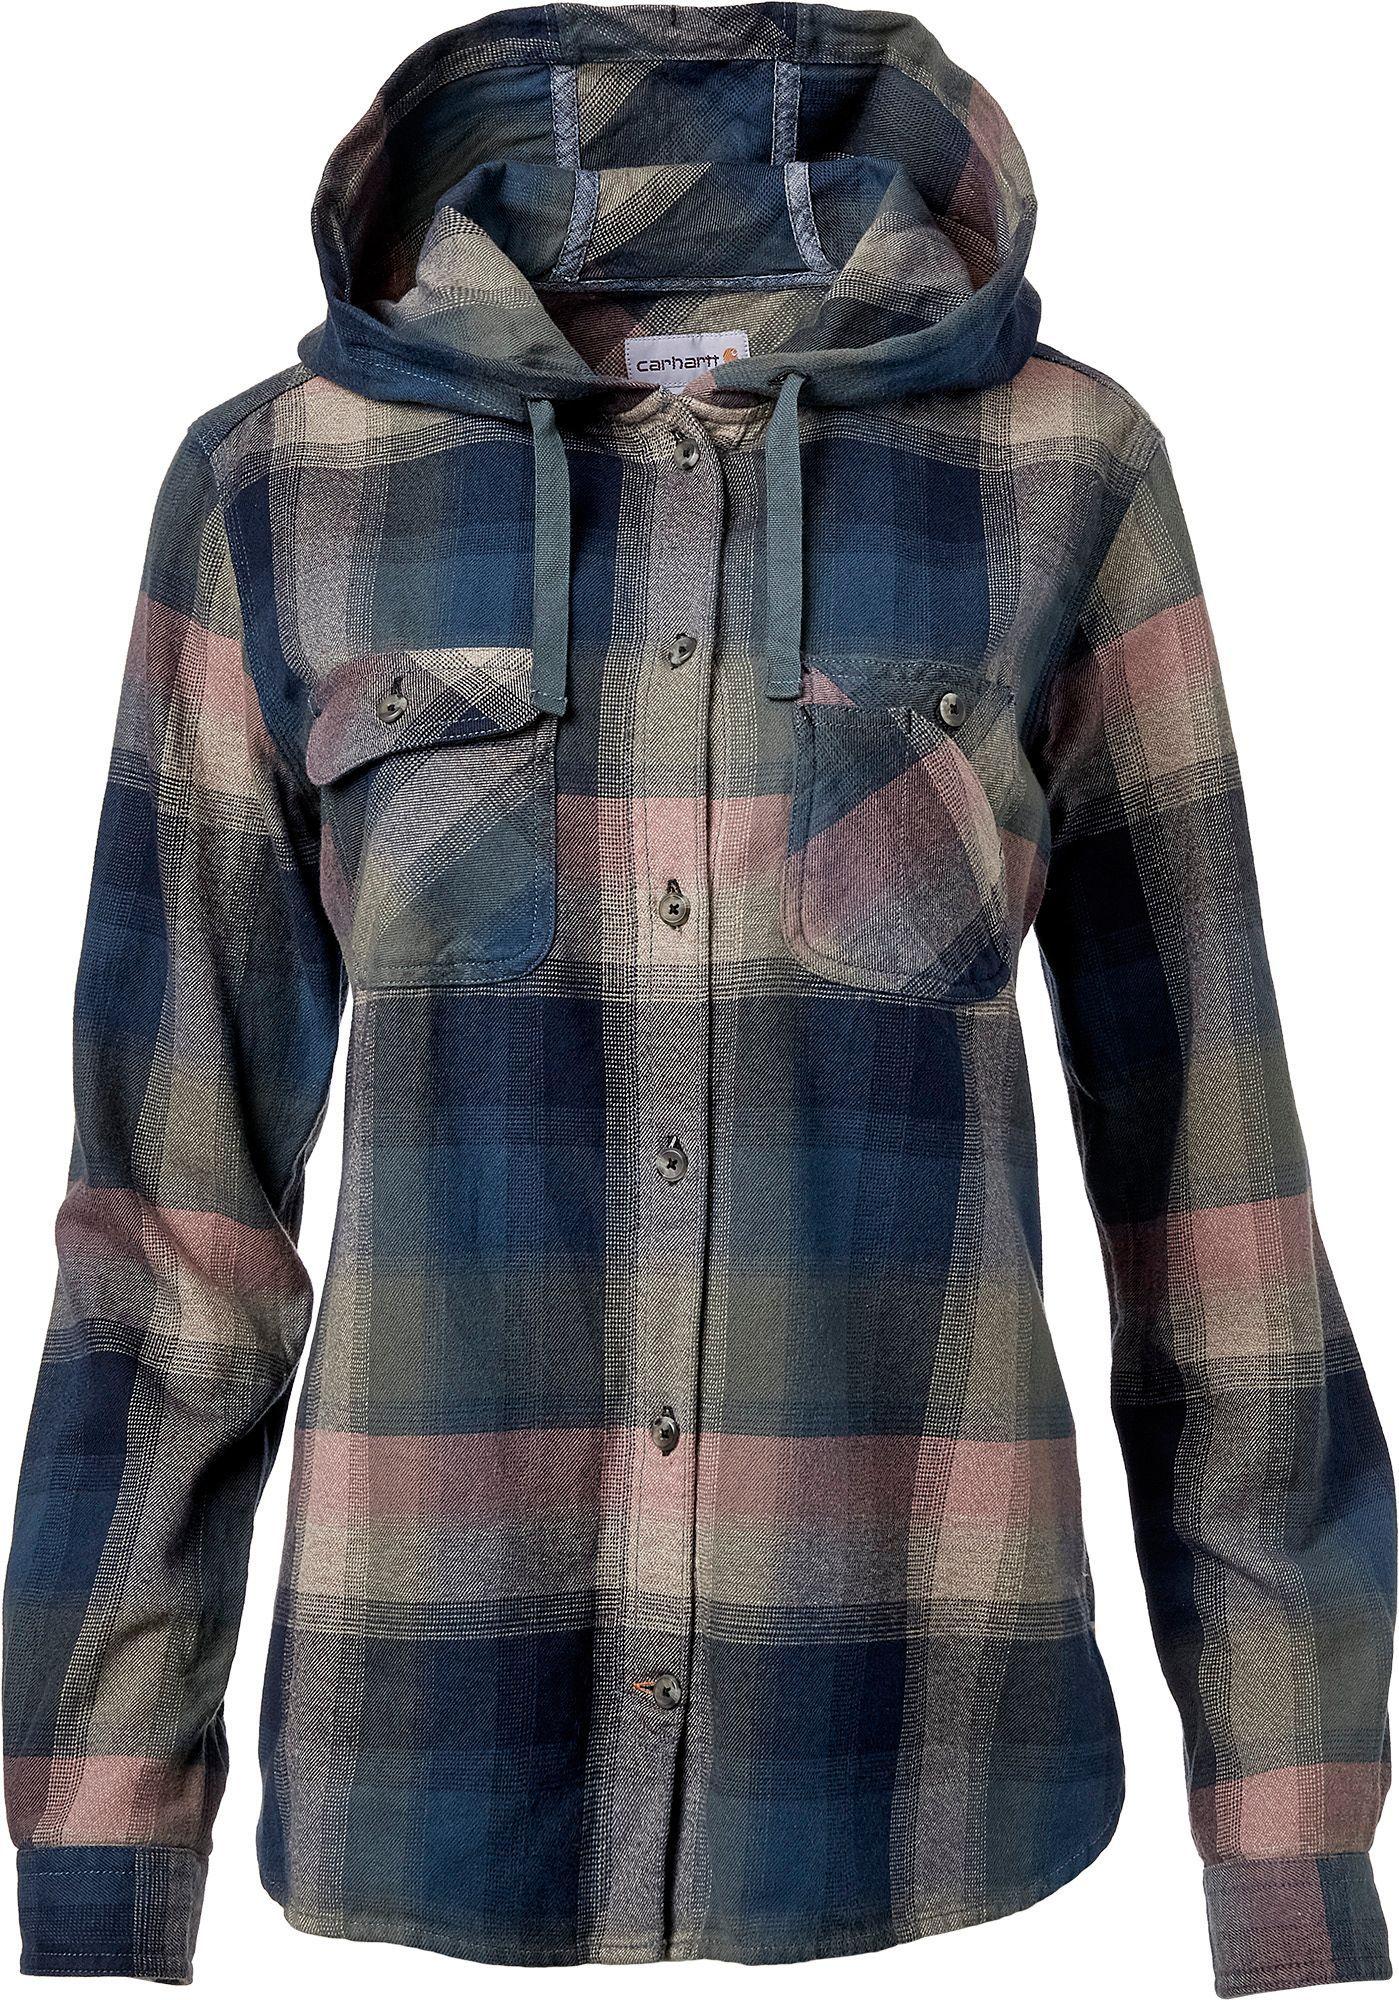 Carhartt Women's Beartooth Hooded Flannel Shirt